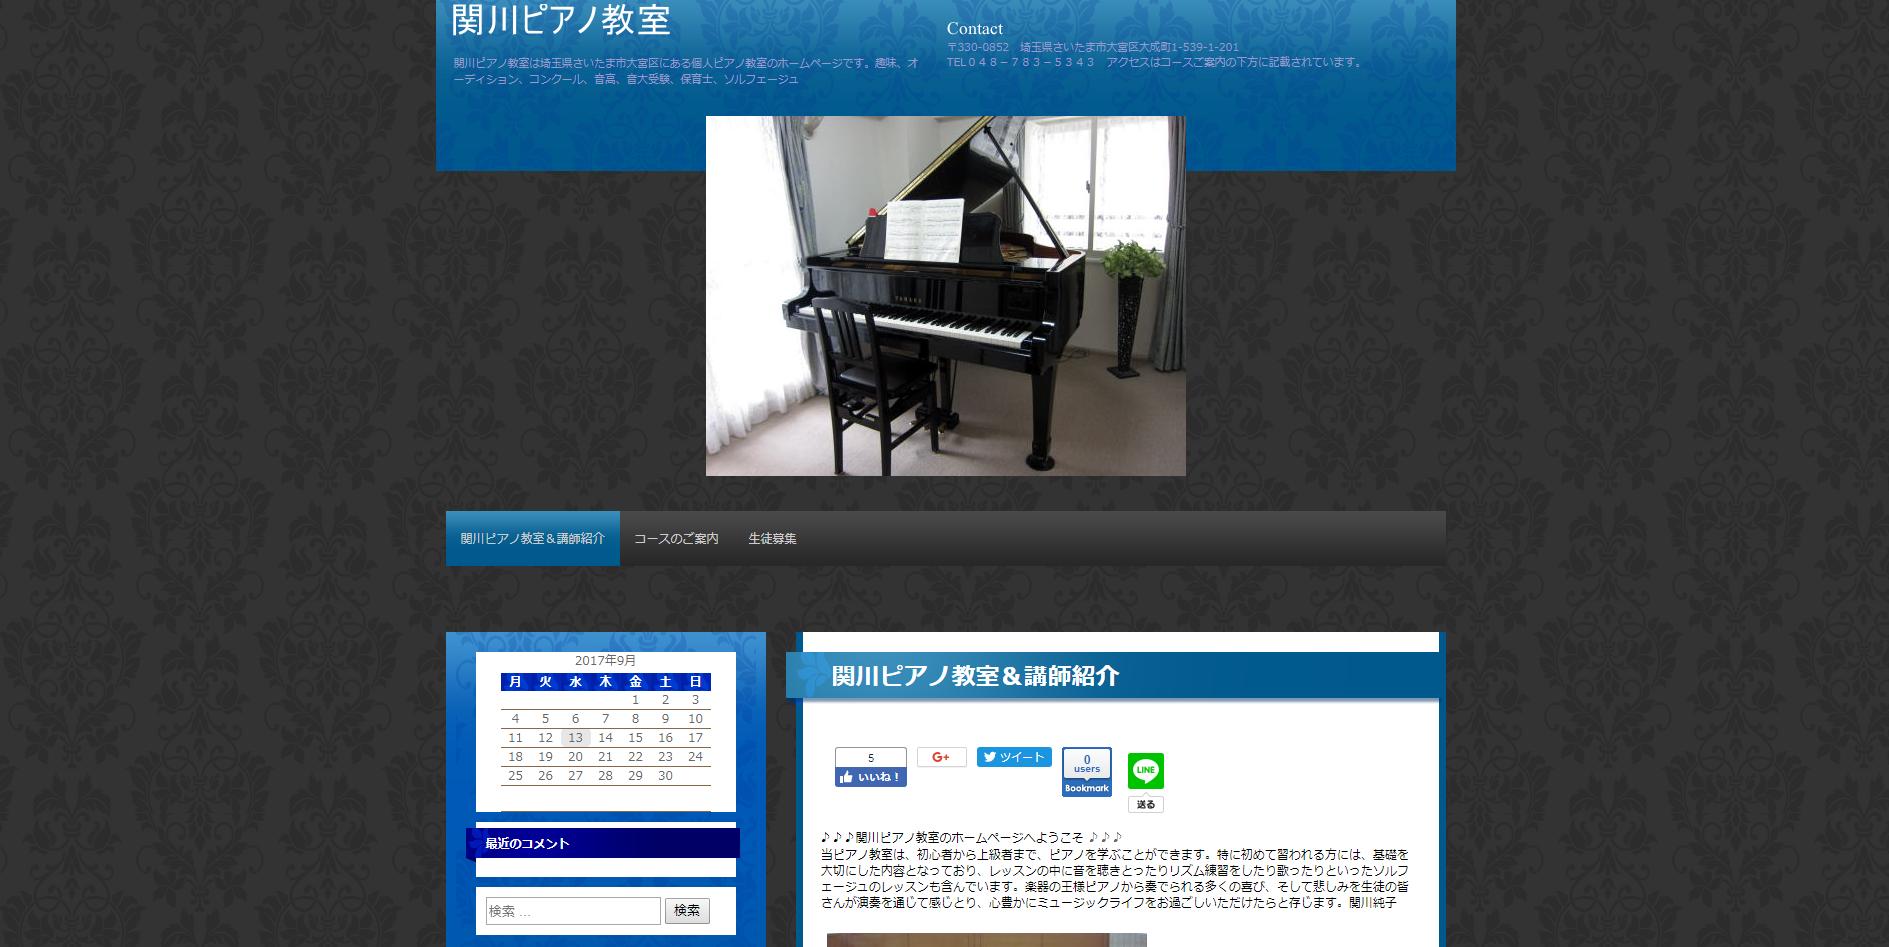 関川ピアノ教室